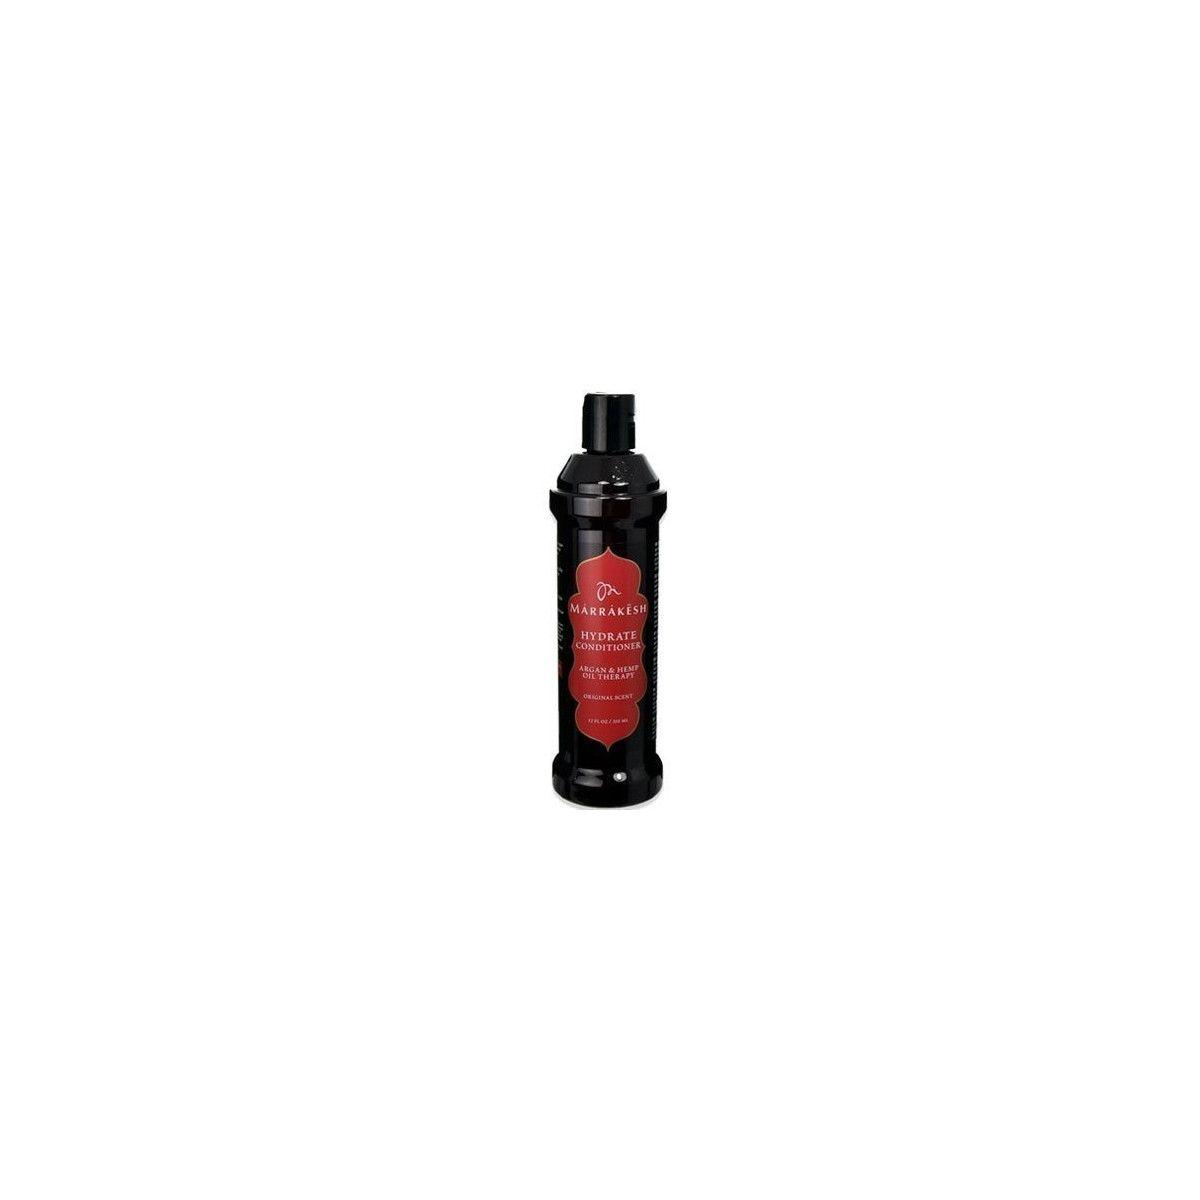 Marrakesh Hydrate Conditioner odżywka nawilżająca do włosów odwodnionych 355ml